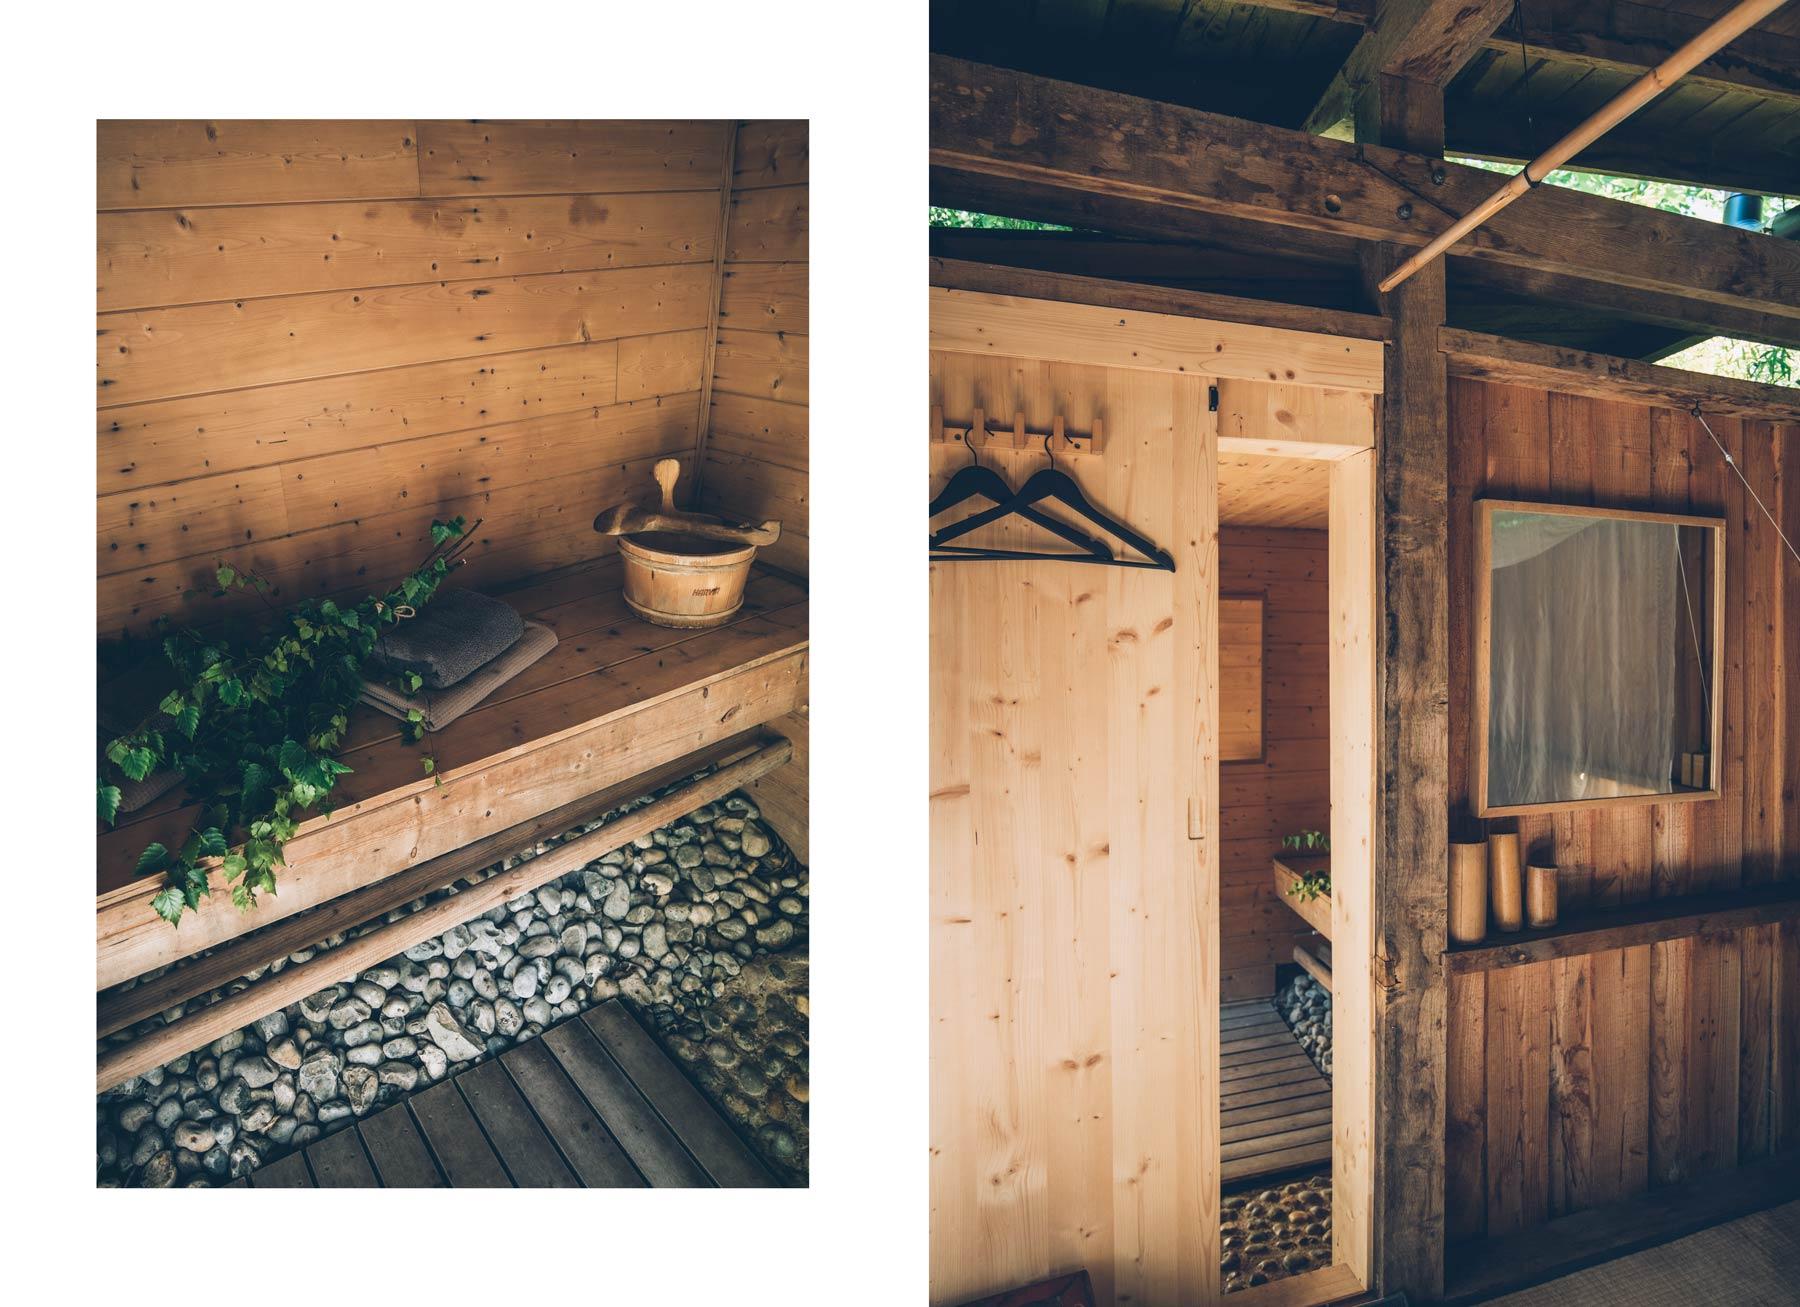 Hebergement avec sauna, baie de Somme, Le Bruit de l'eau